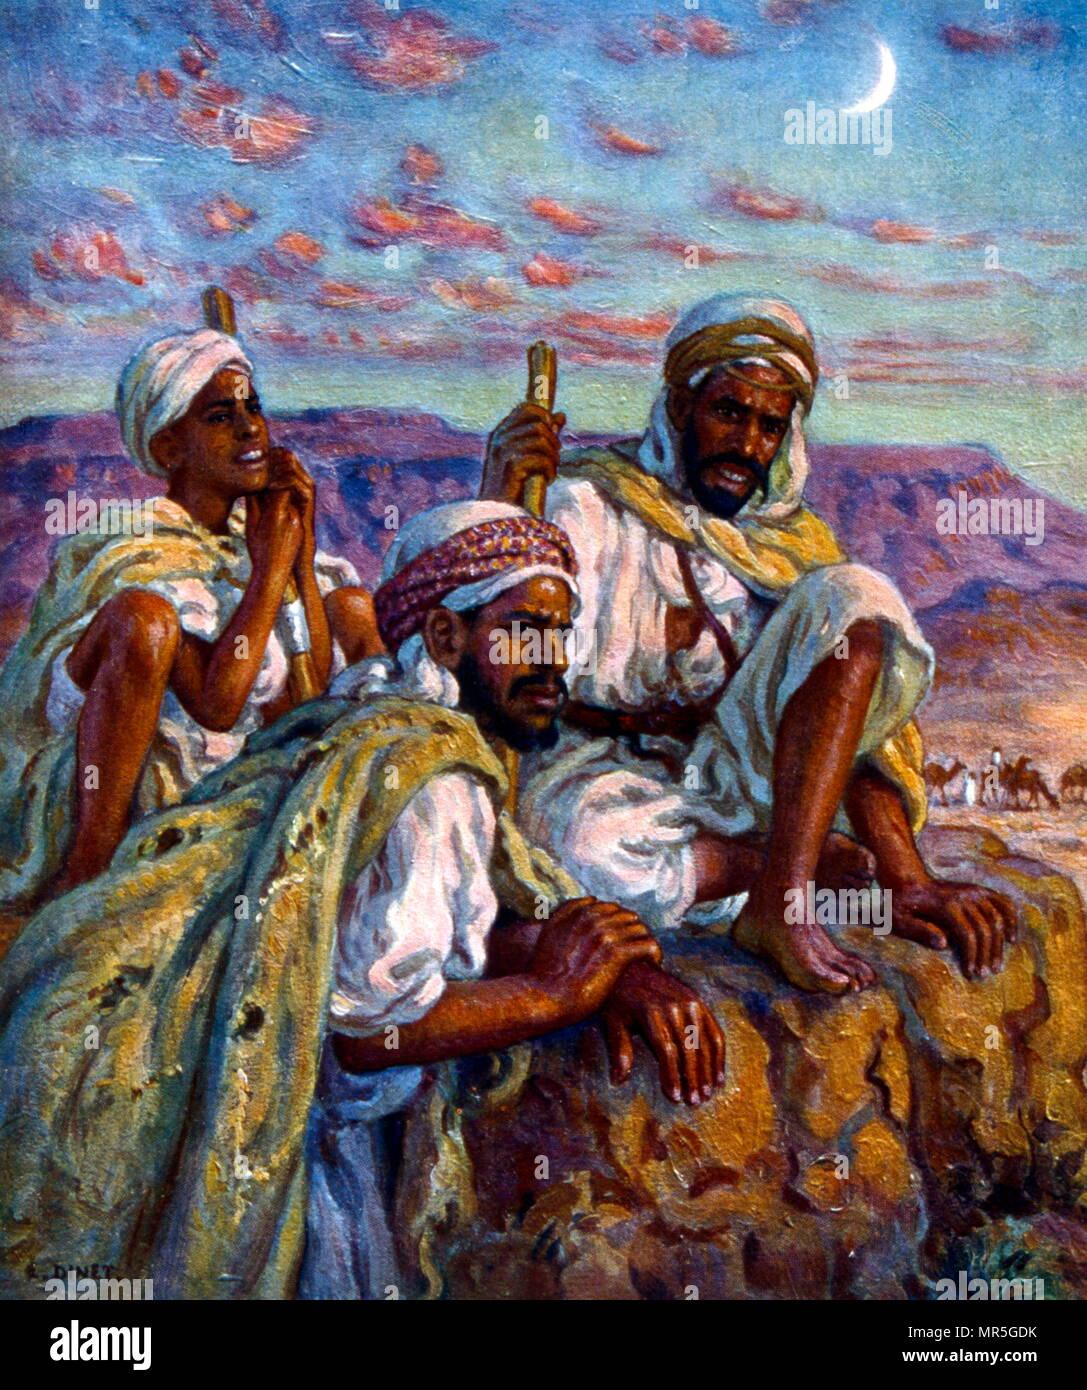 https www alamyimages fr groupe des bergers arabes par nasreddine dinet alphonse etienne dinet 1861 1929 un peintre orientaliste francais 1918 image186363455 html